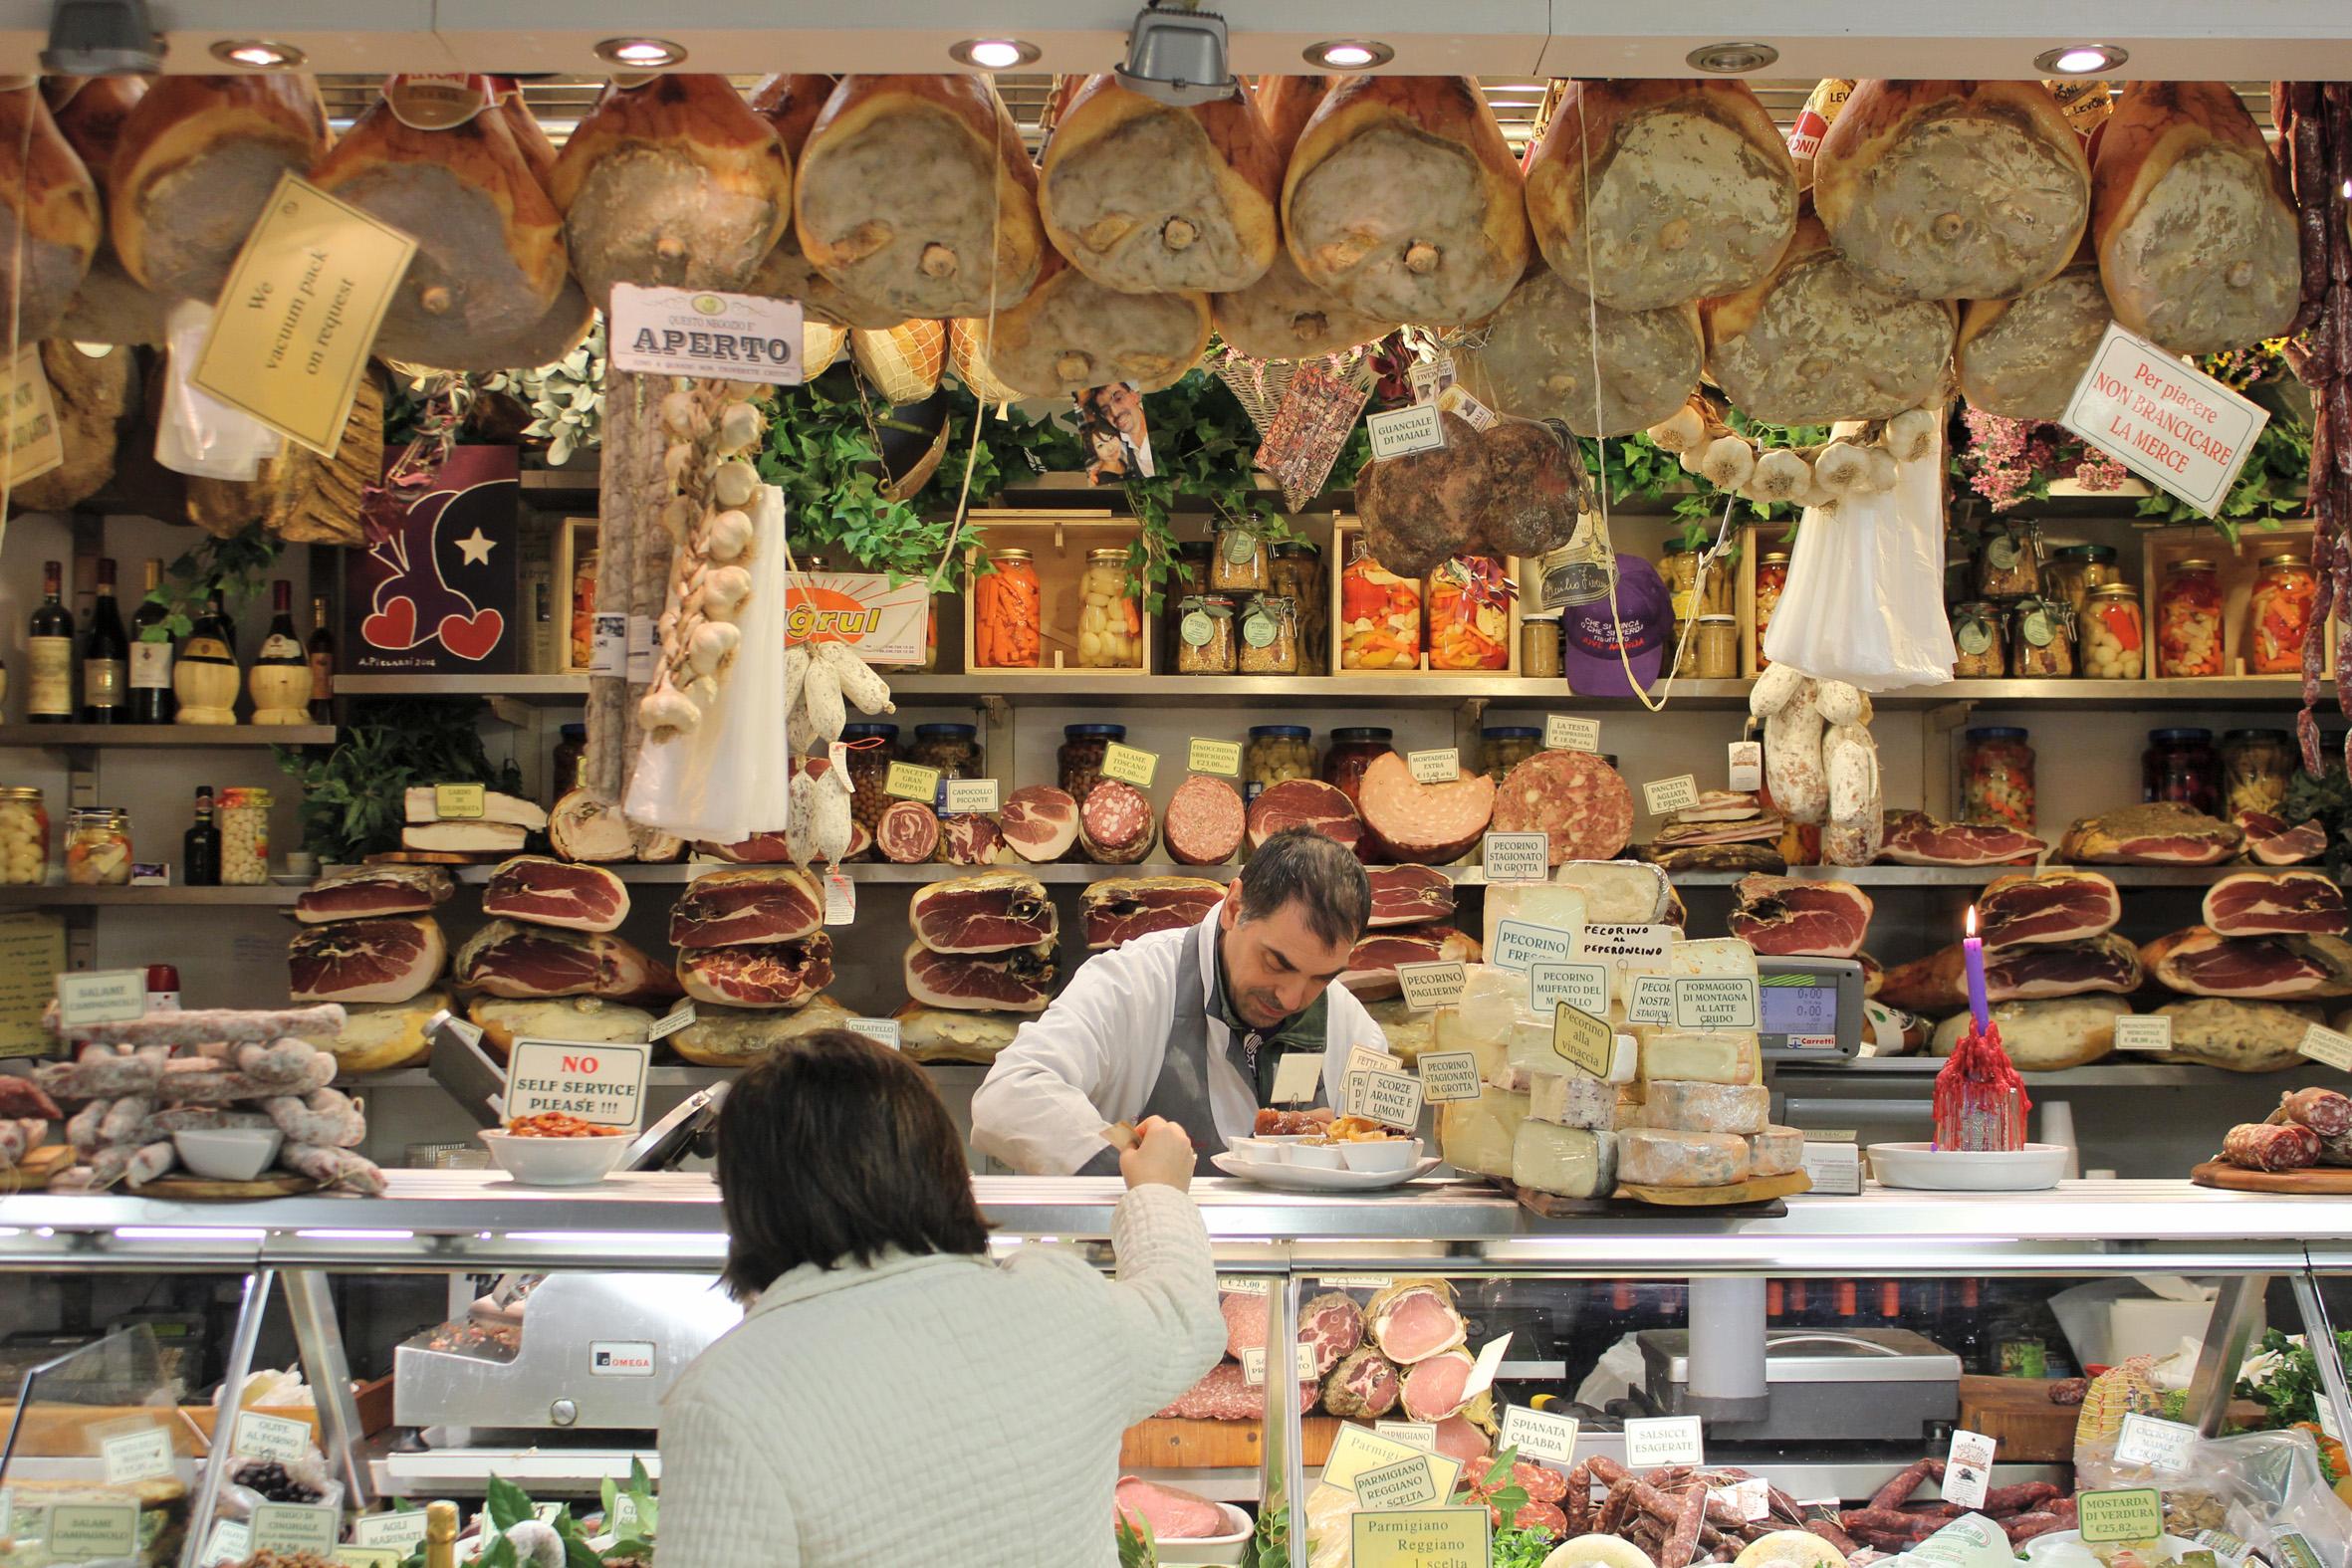 Mercato Centrale. Market in Firenze ©lowereast